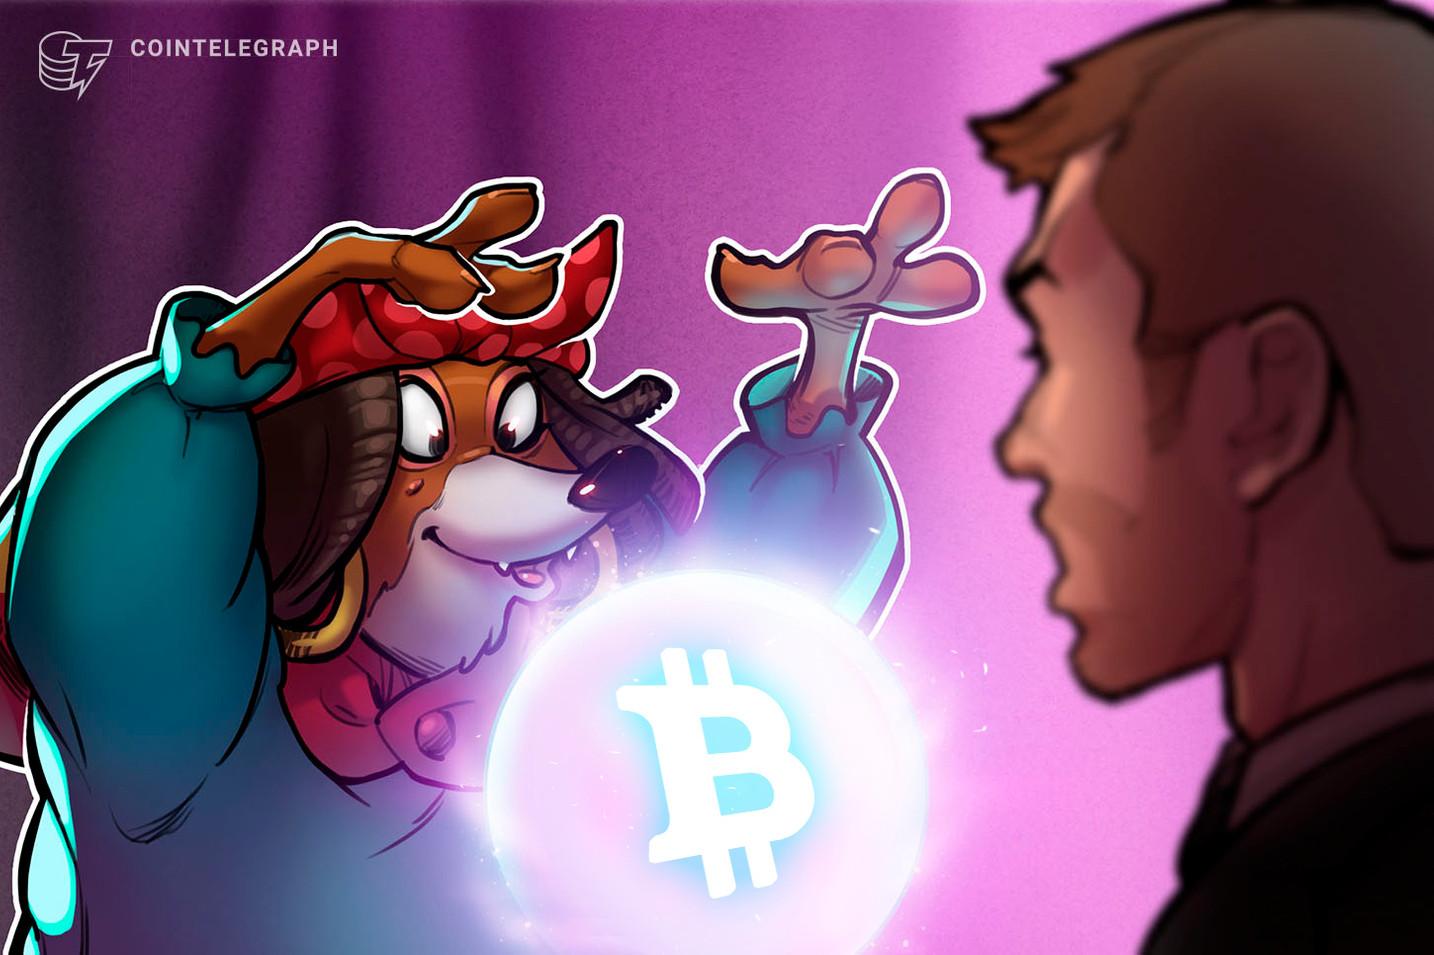 Guggenheim CIO'su Bitcoin'in 20 bin dolara düşebileceği uyarısını tekrarladı